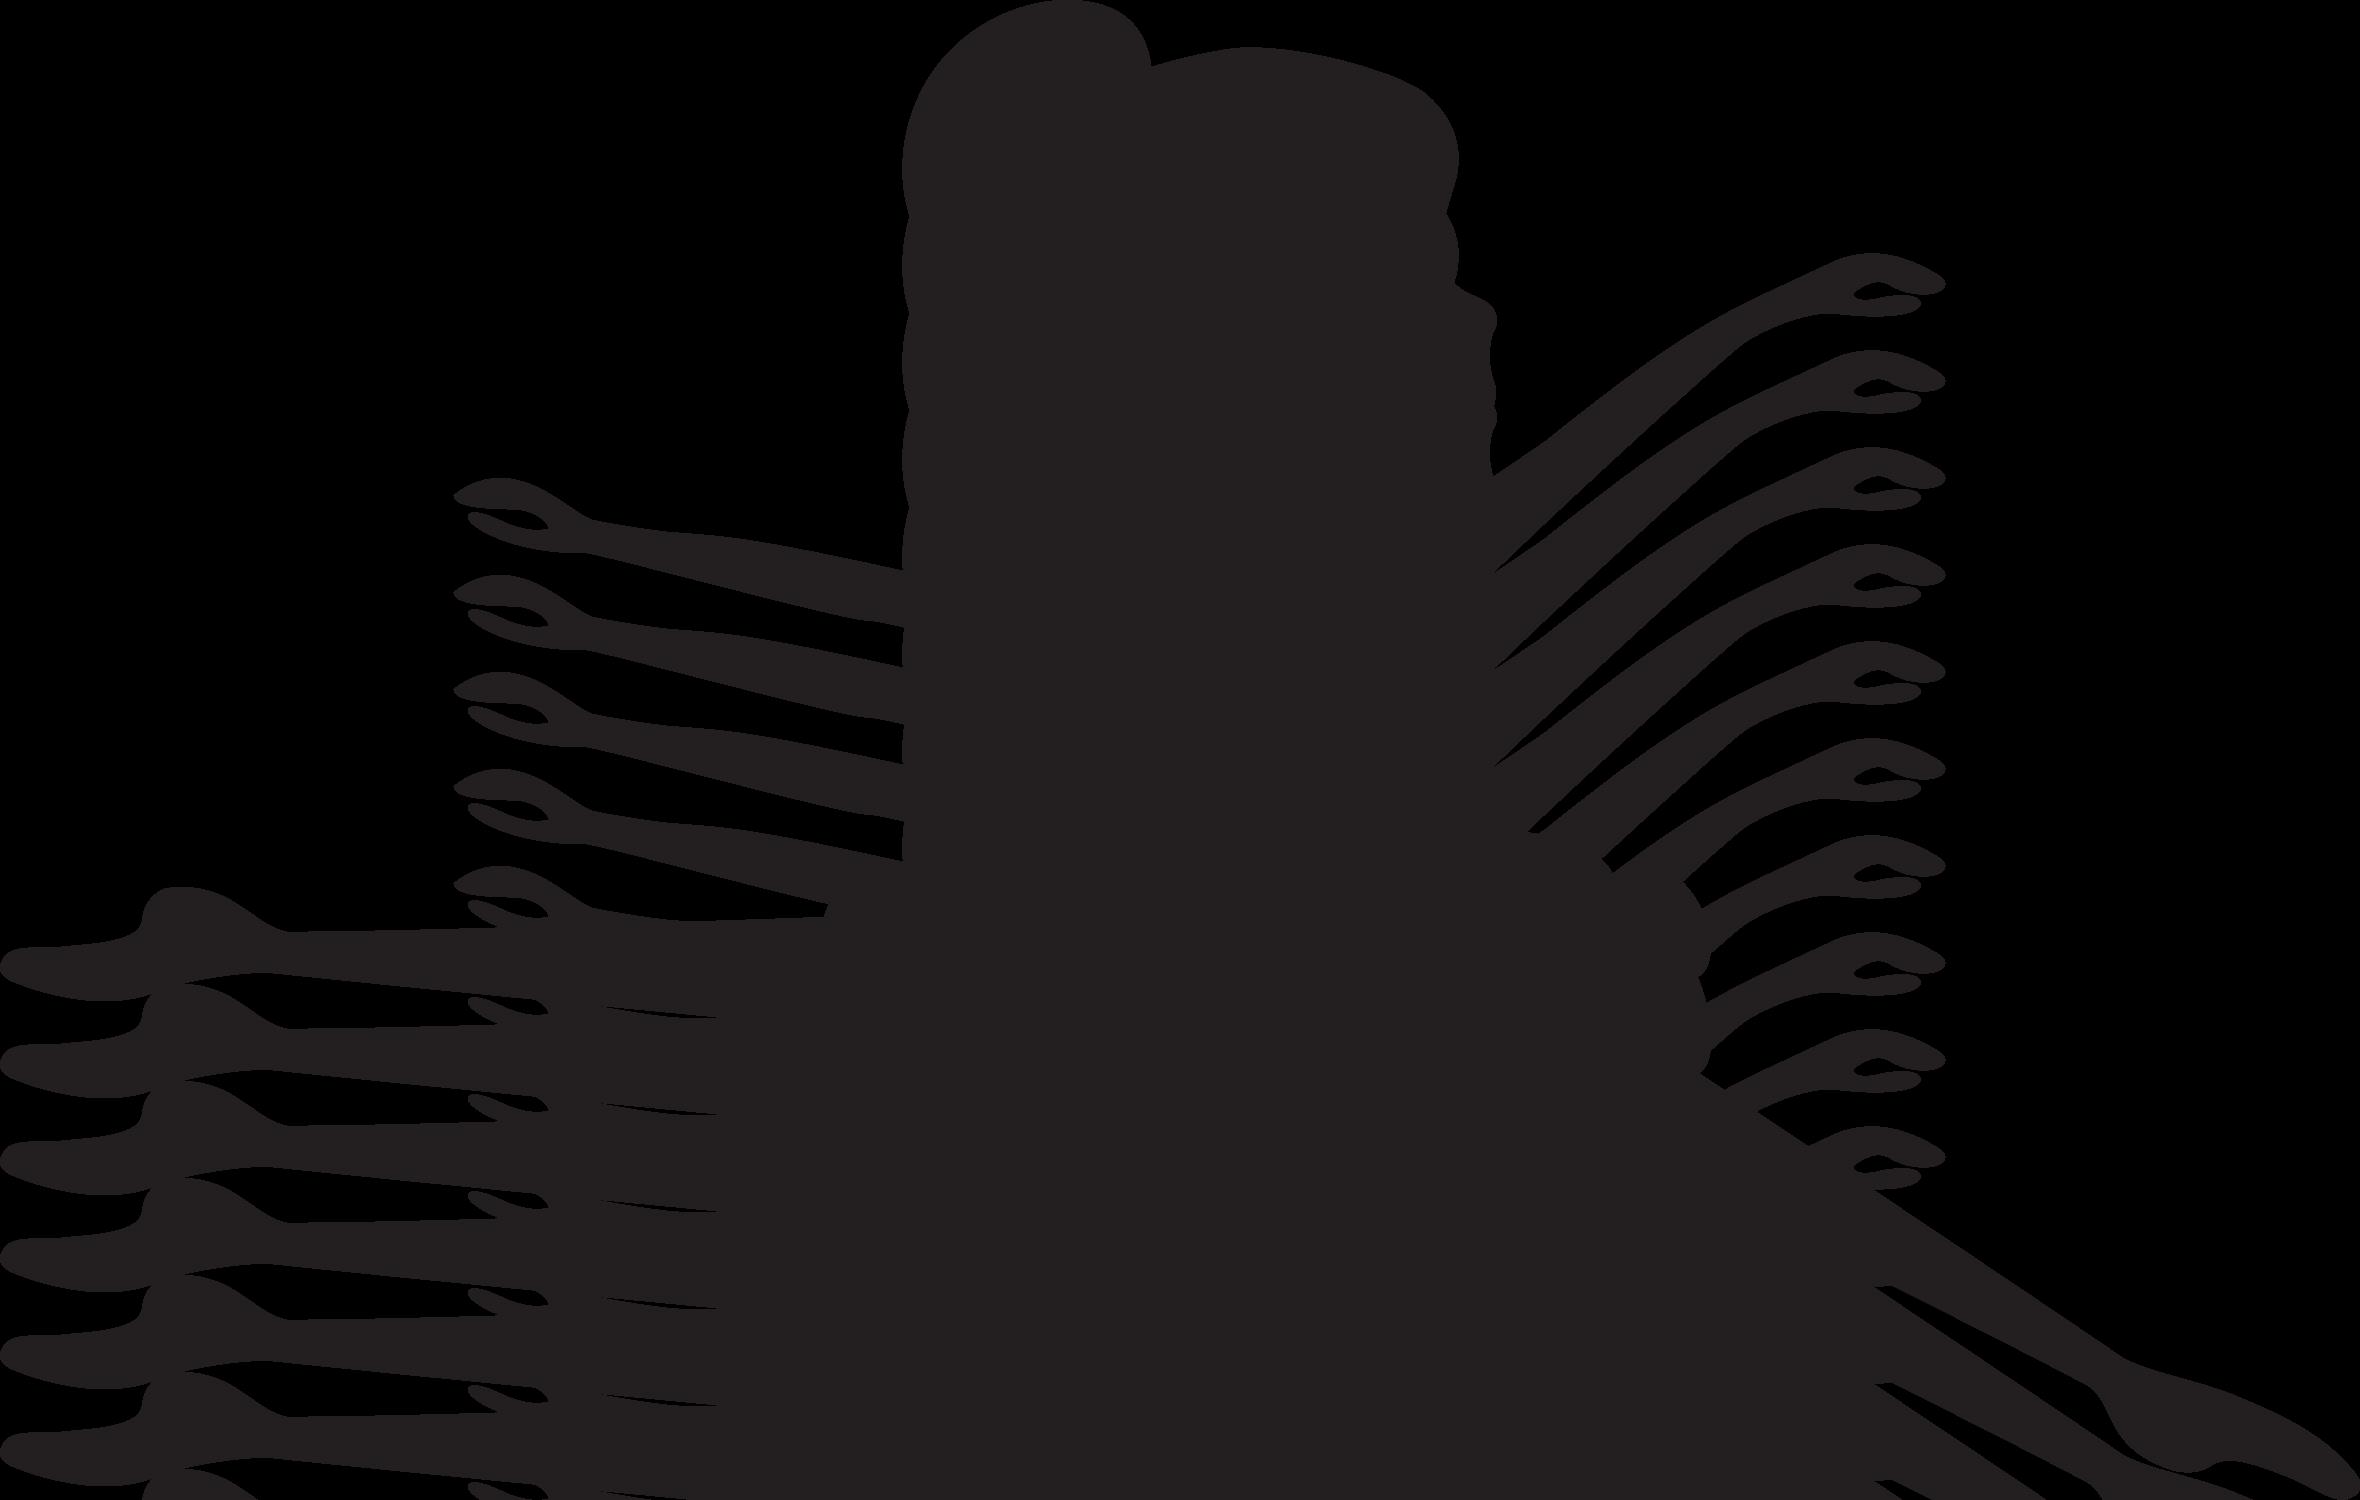 Шаблон для открытки балерина, открытка руководительнице днем